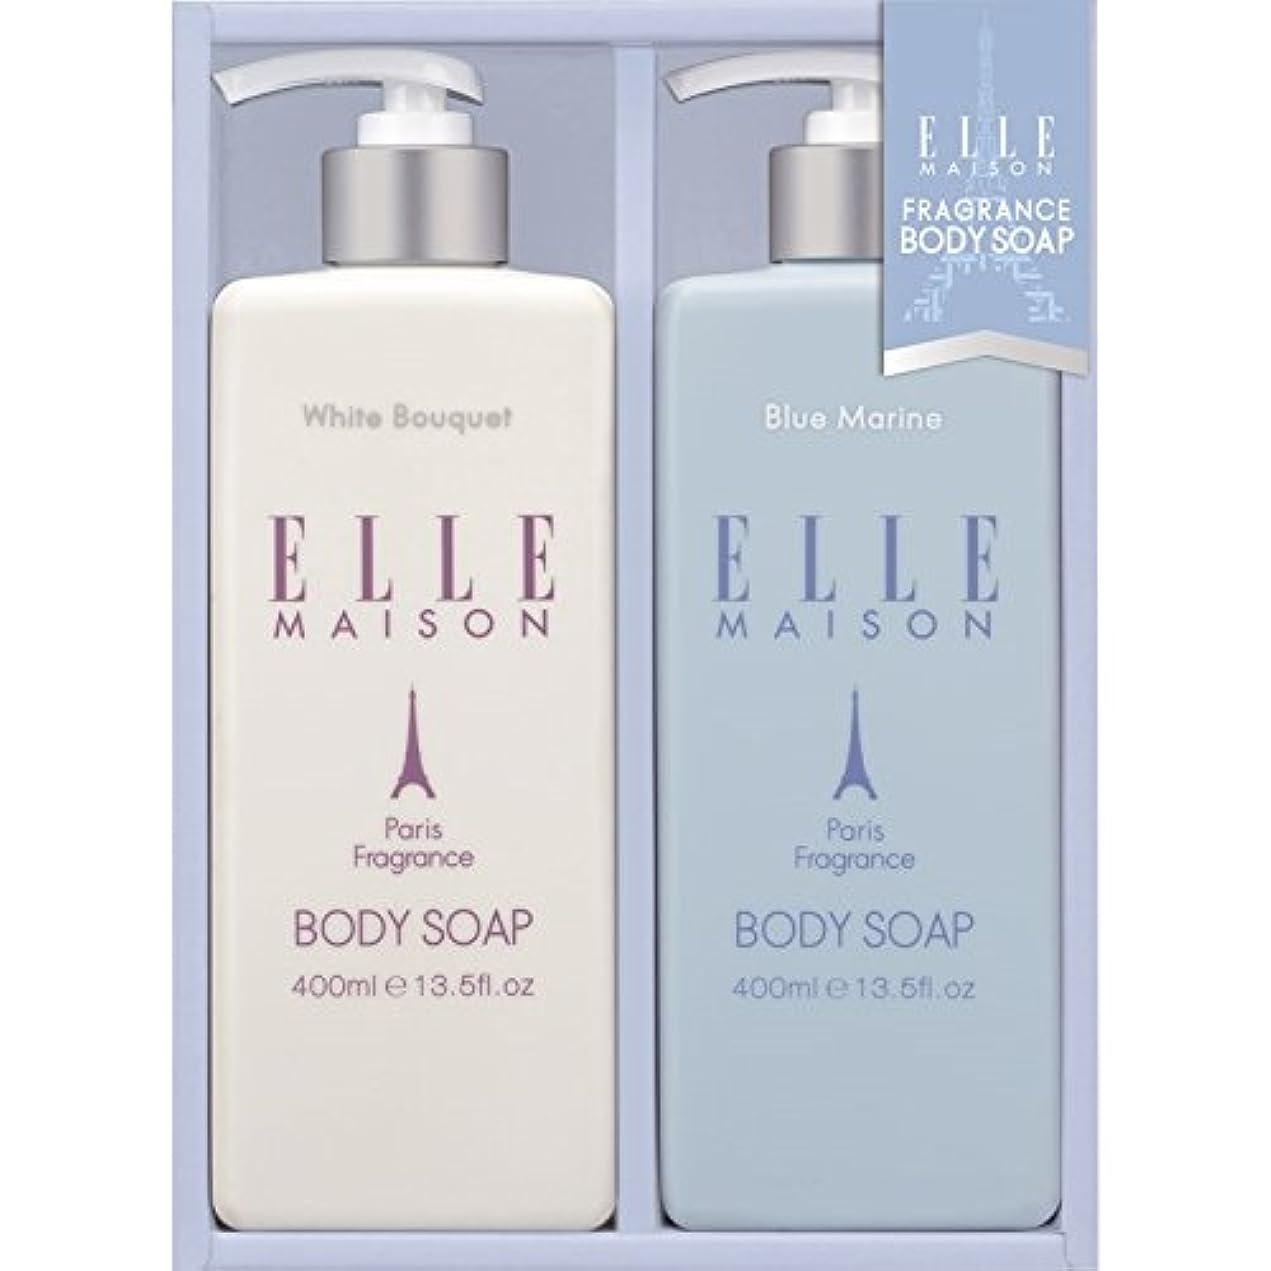 ランタン知人平均ELLE MAISON ボディソープギフト EBS-10 【保湿 いい匂い うるおい 液体 しっとり 良い香り やさしい 女性 贅沢 全身 美肌 詰め合わせ お風呂 バスタイム 洗う 美容】